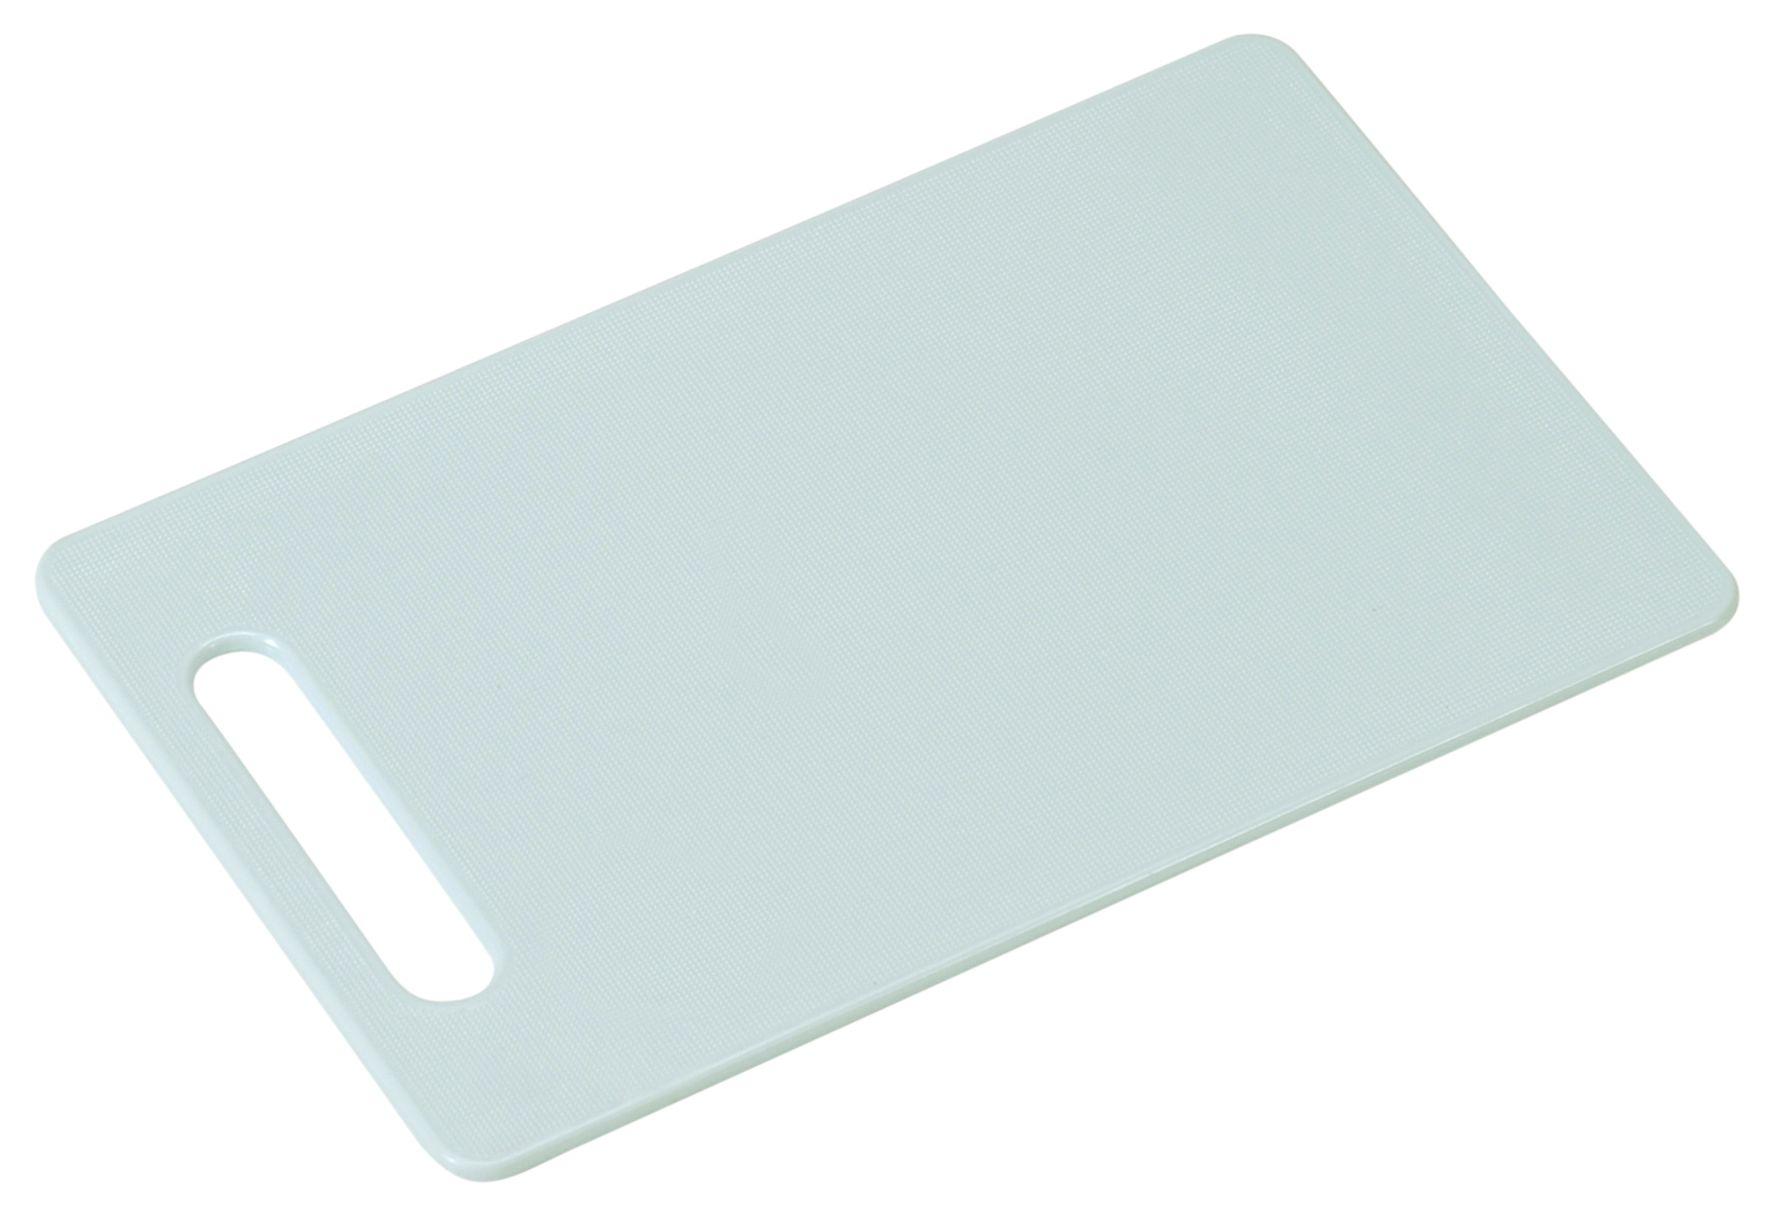 24 x 15 x 0.5 cm Kesper Brettchen aus PE-Kunststoff in grau